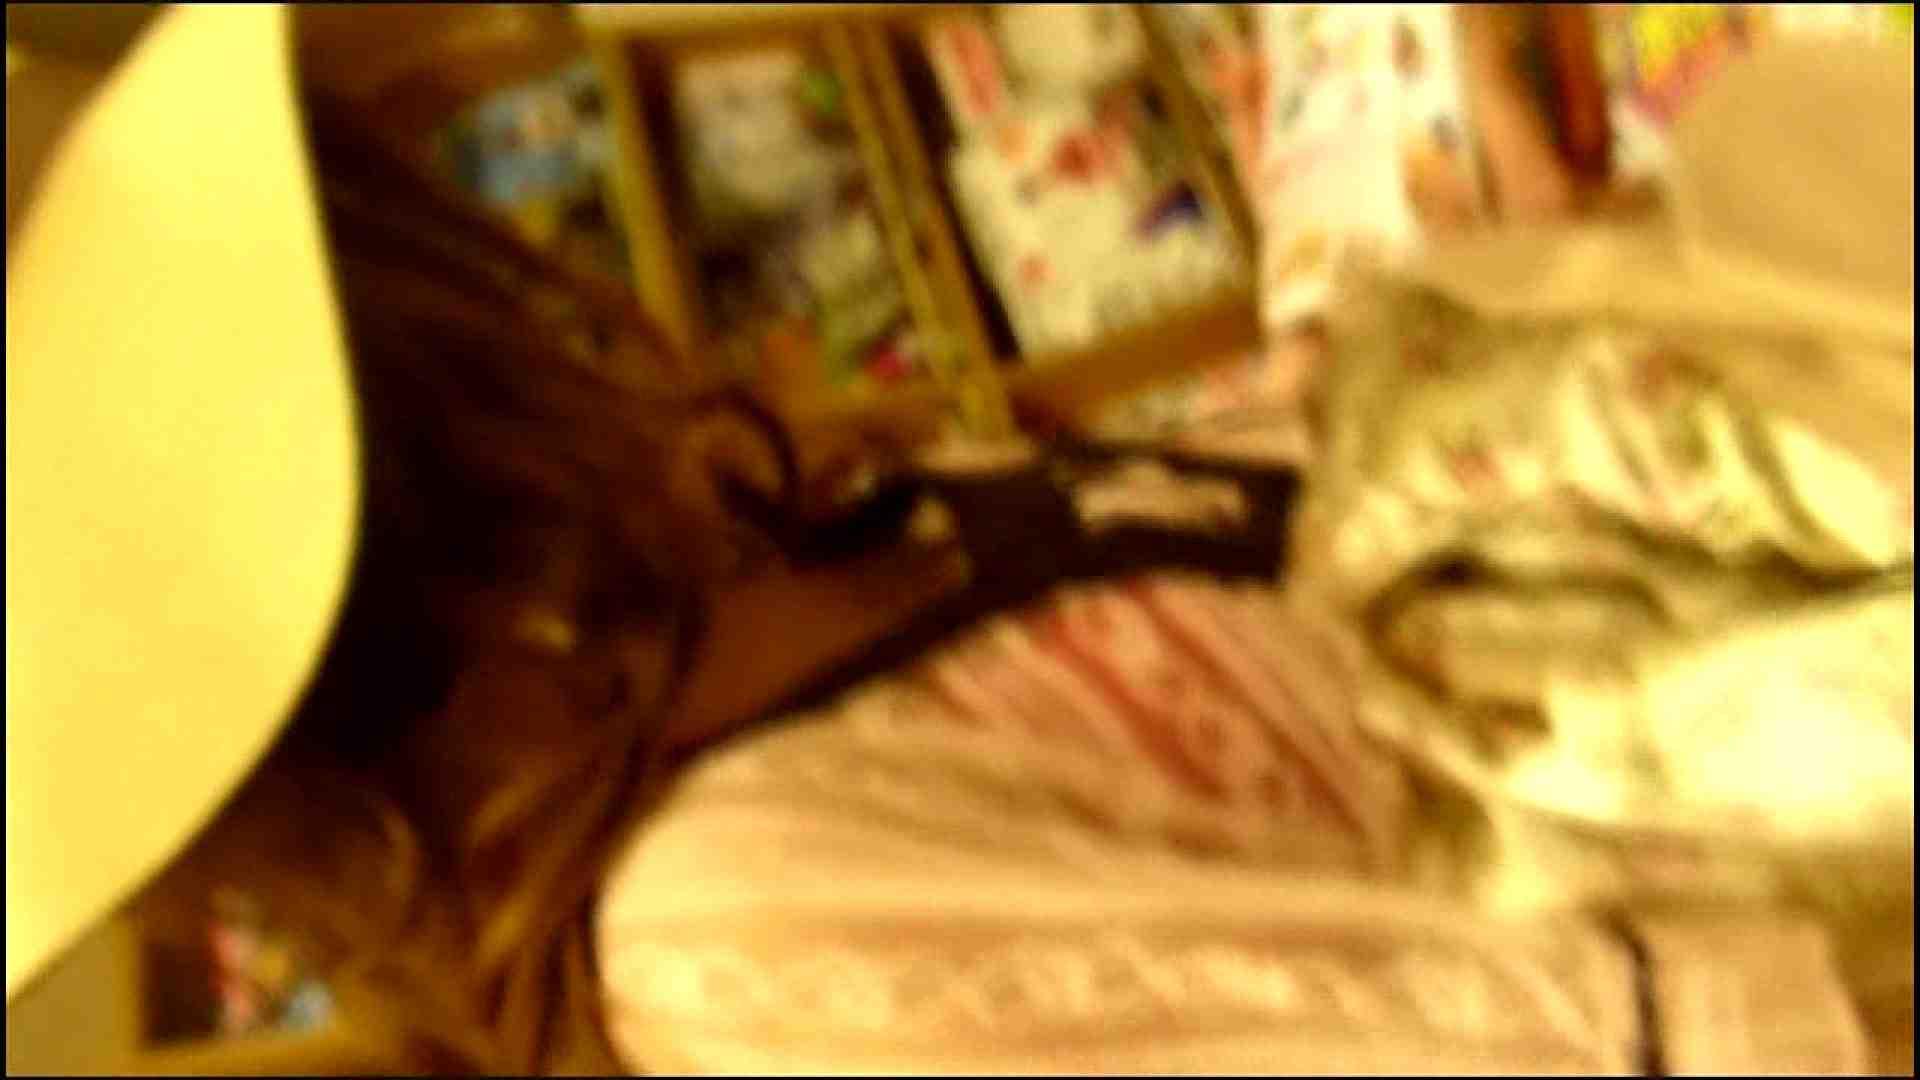 NO.2 本屋にいた巨乳ギャル 巨乳 われめAV動画紹介 108画像 30